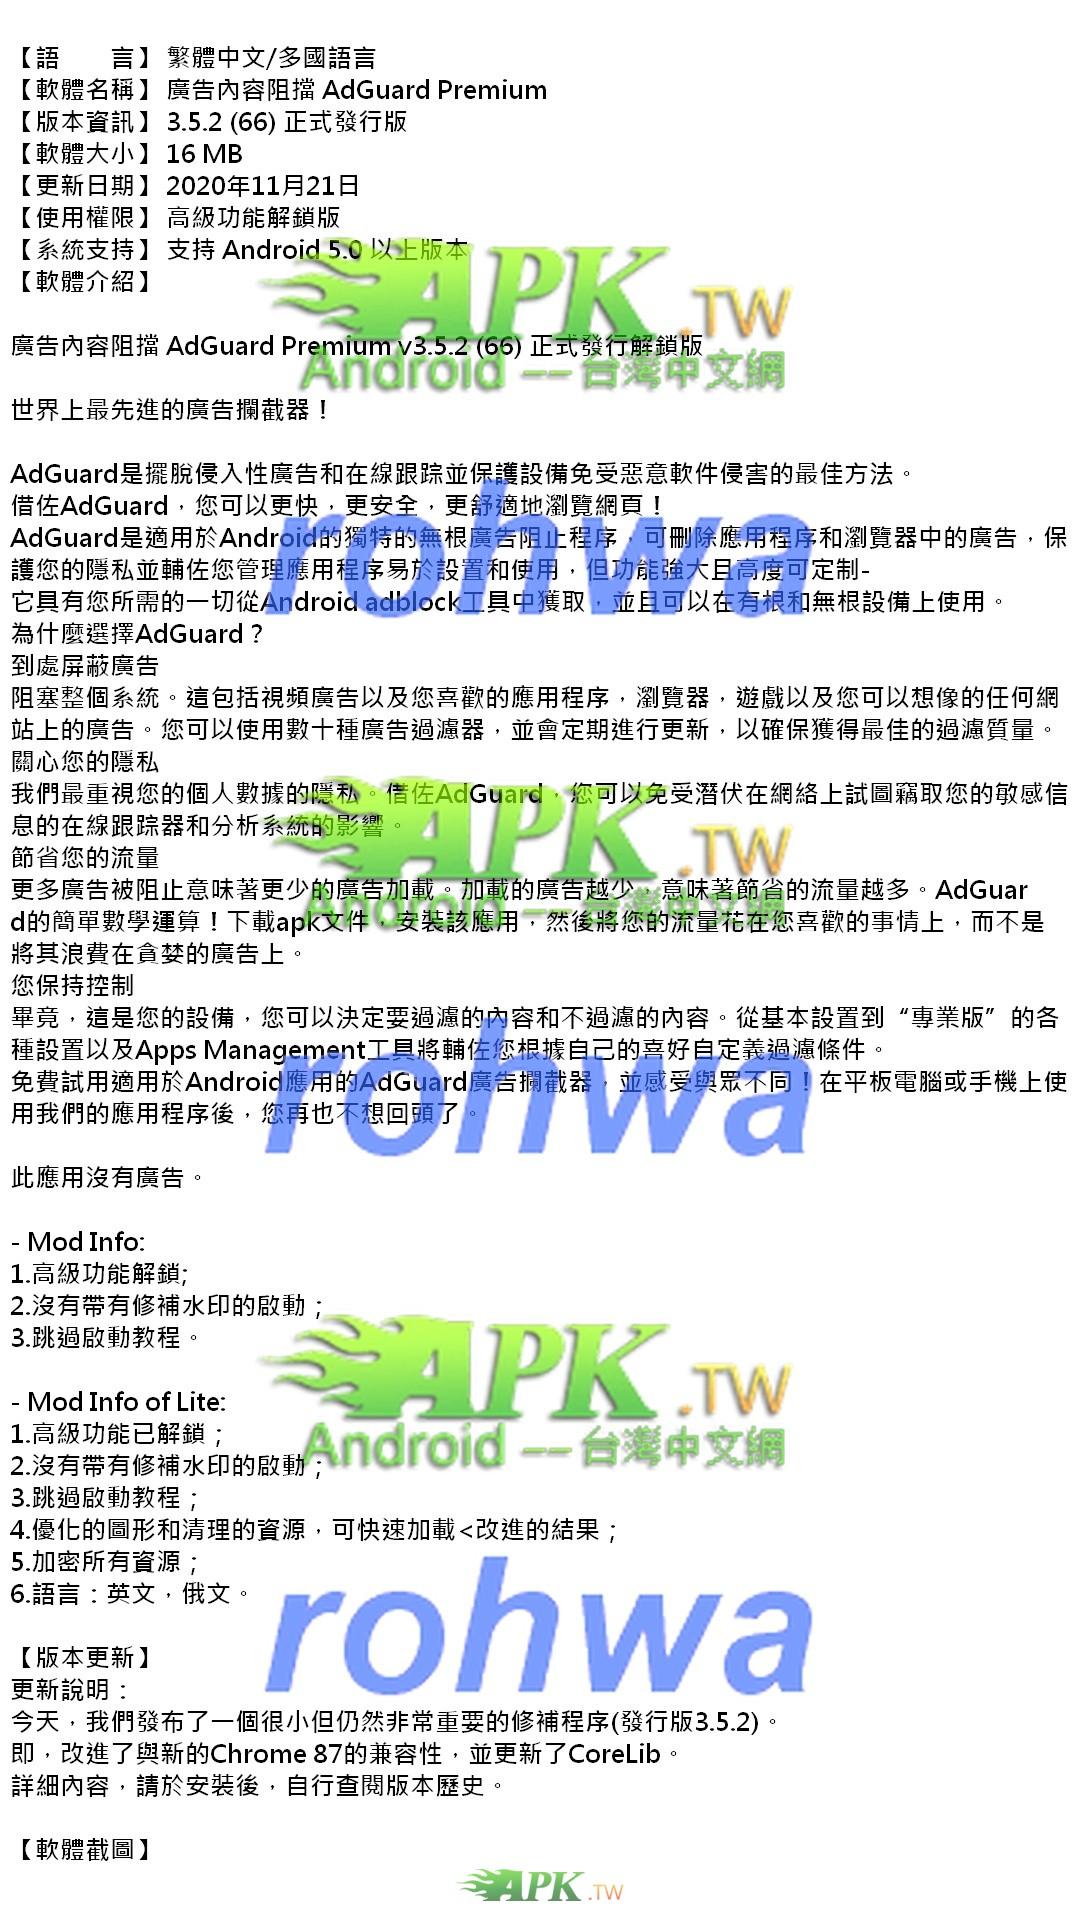 AdGuard_Premium_3.5.2-66_.jpg